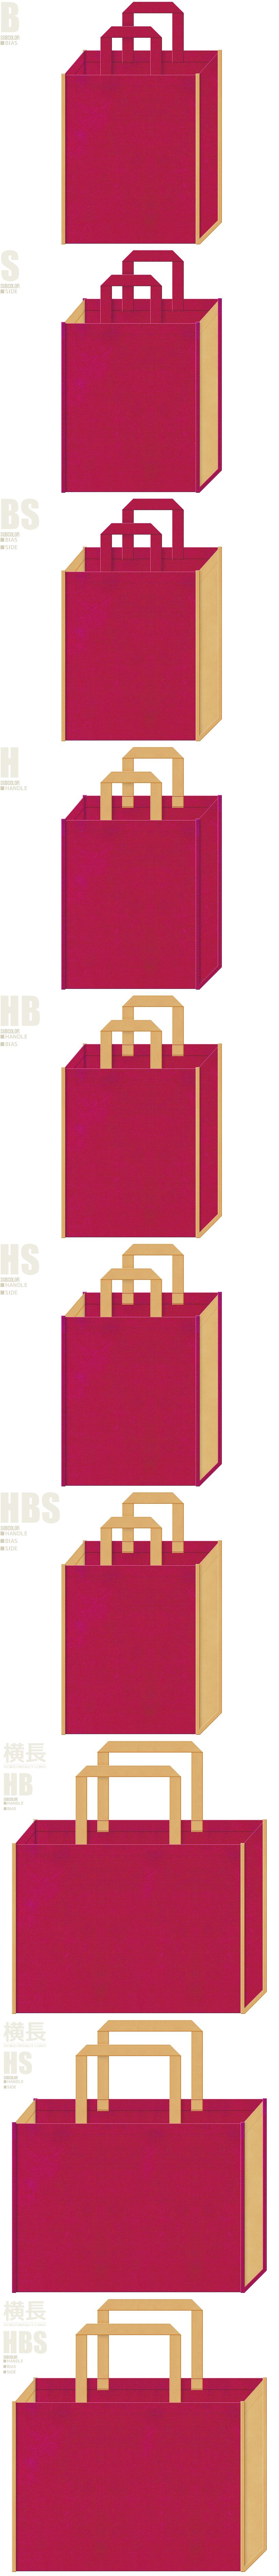 さつまいも・手芸・ぬいぐるみ・ベアー・子犬・南国・トロピカル・カクテル・リゾート・トラベルバッグ・ゲーム・絵本・おとぎ話・お菓子の家・プリンセス・テーマパークにお奨めの不織布バッグデザイン:濃いピンク色と薄黄土色の配色7パターン